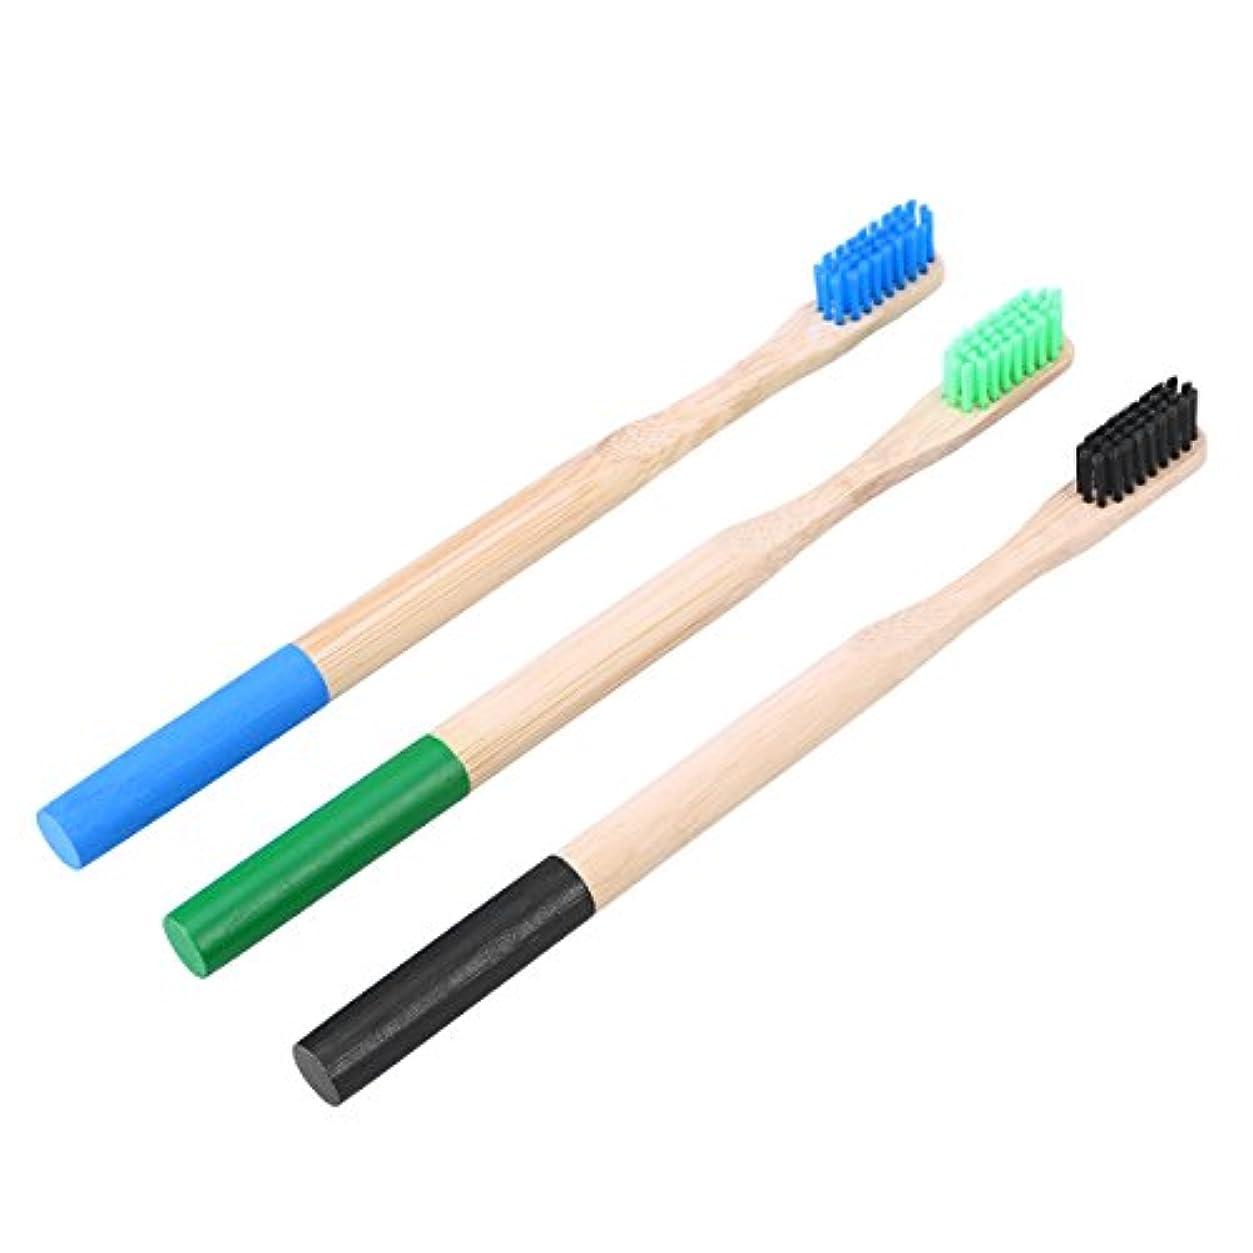 番目無礼にスタジオHEALILY竹の歯ブラシラウンドハンドルナチュラルエコフレンドリーソフト剛毛旅行歯ブラシ3本